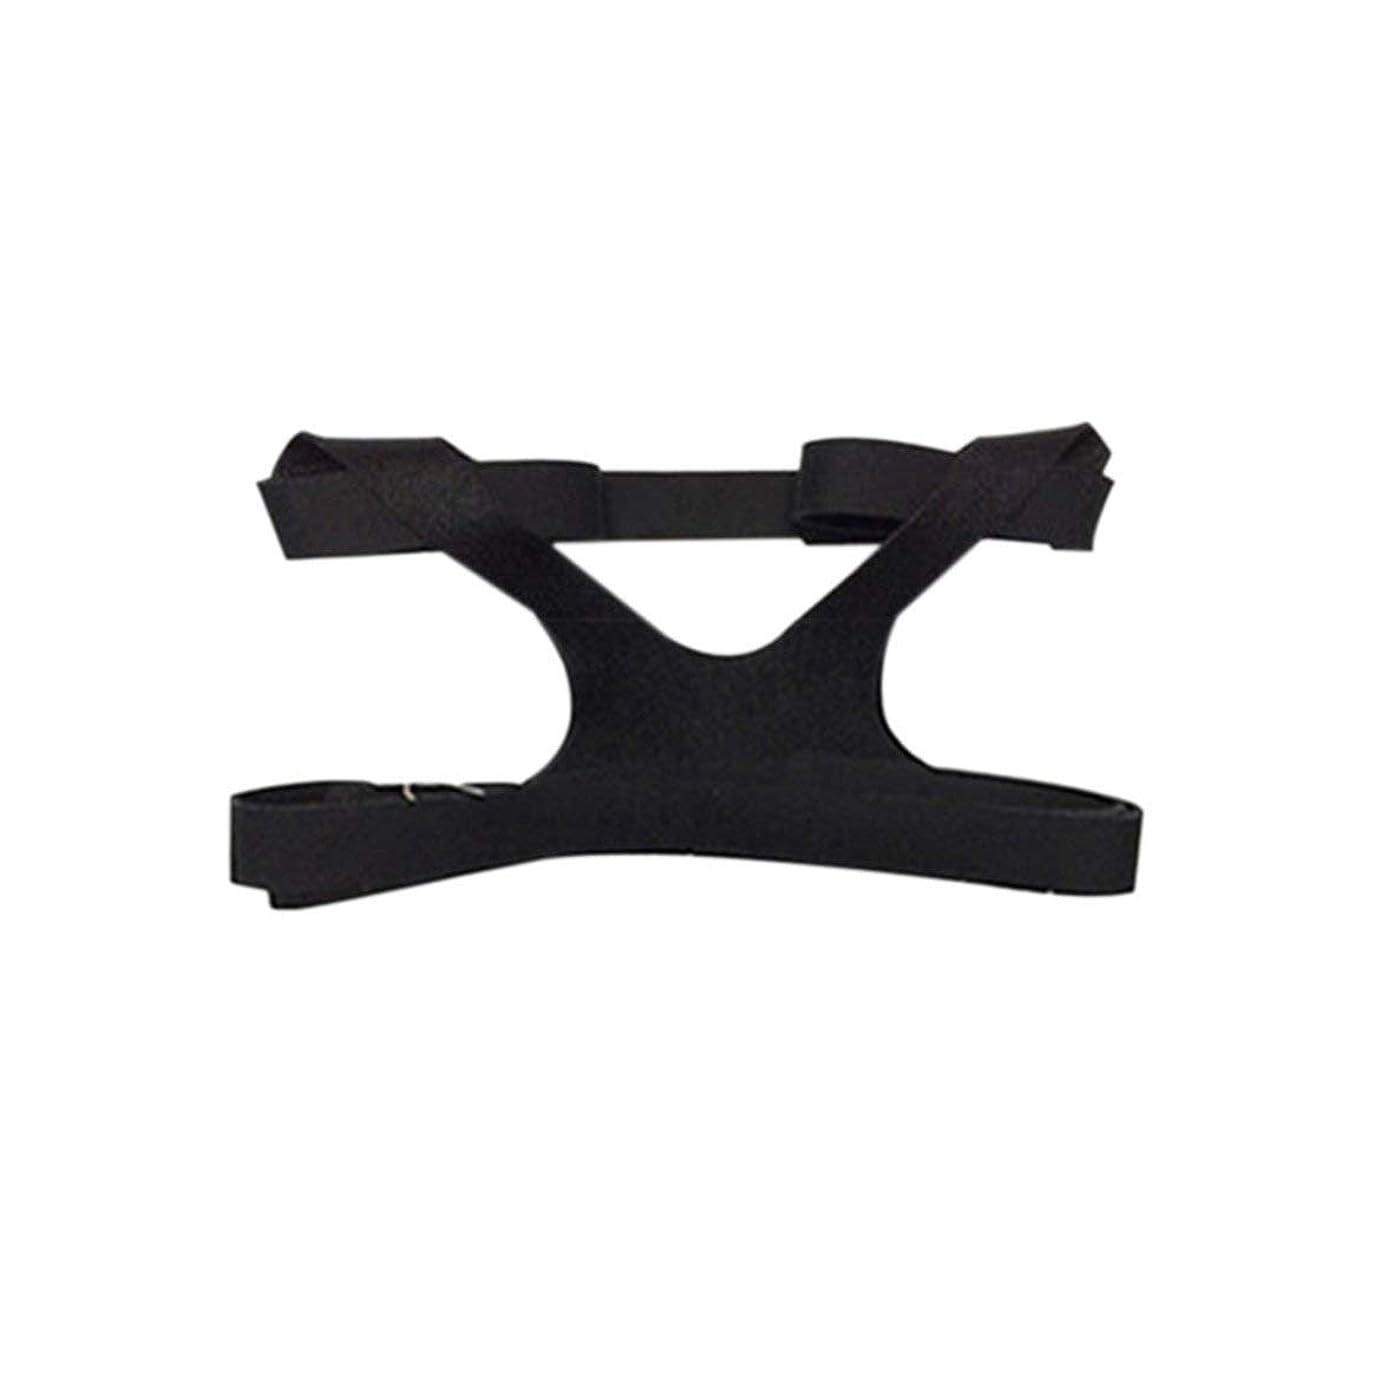 サバント年齢居心地の良いBlackfell ユニバーサルデザインヘッドギアコンフォートジェルフルマスク安全な環境交換CPAPヘッドバンドなしマスク用PHILPS